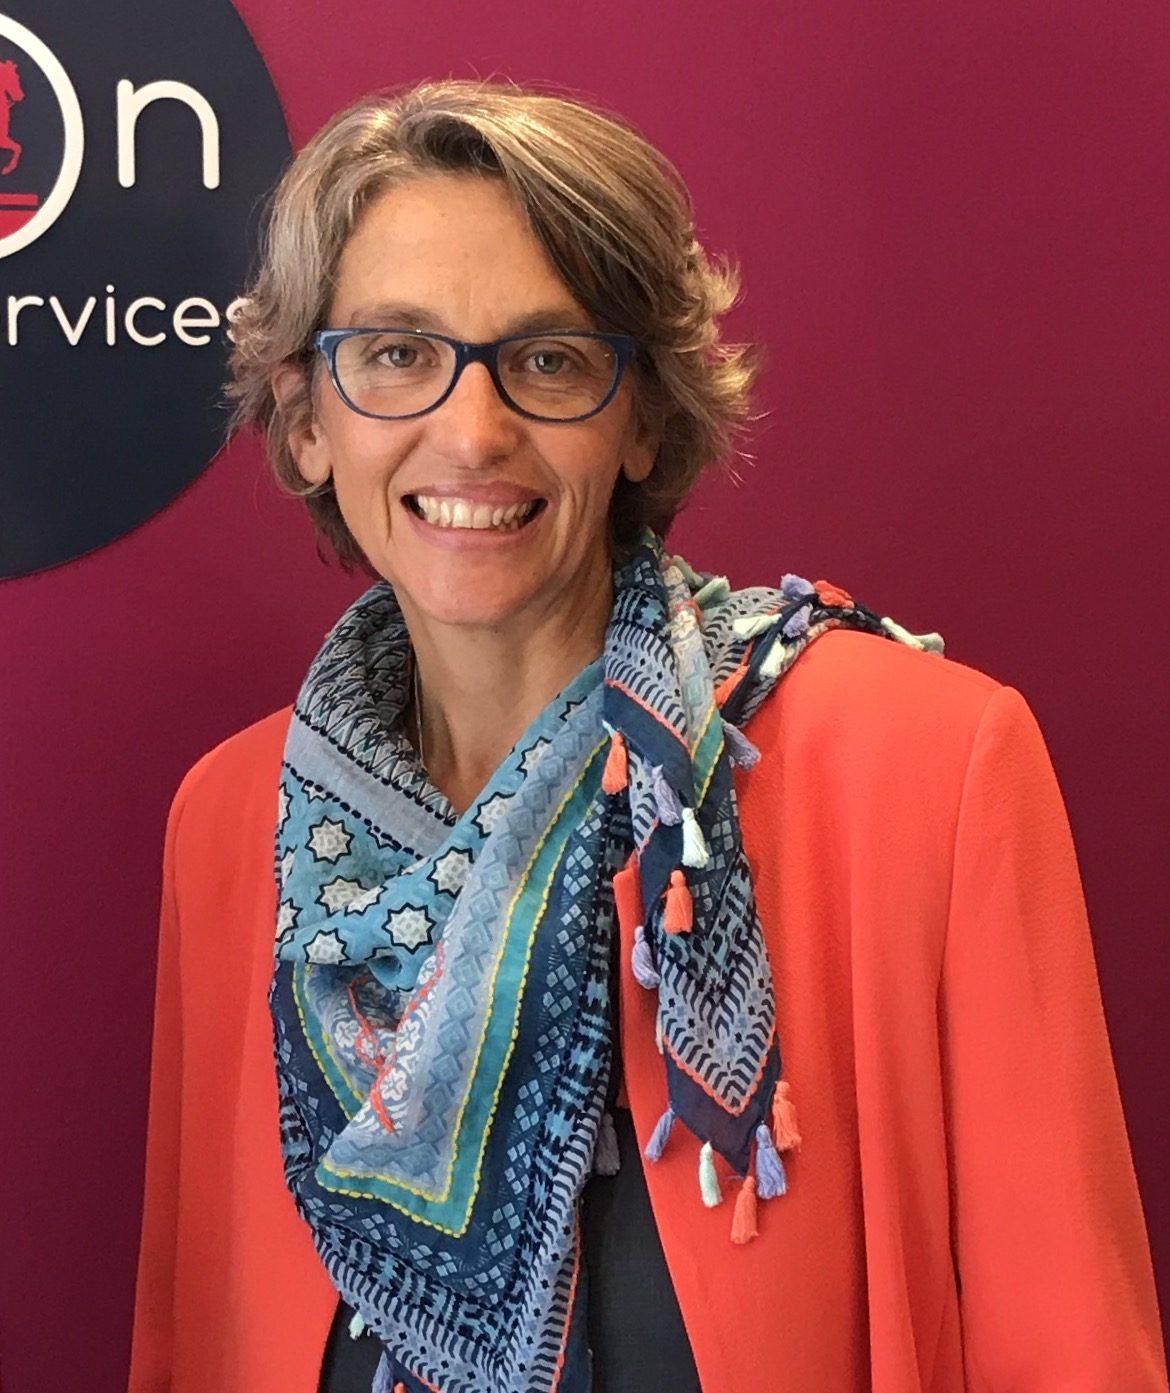 Sophie Dord, Expat Services